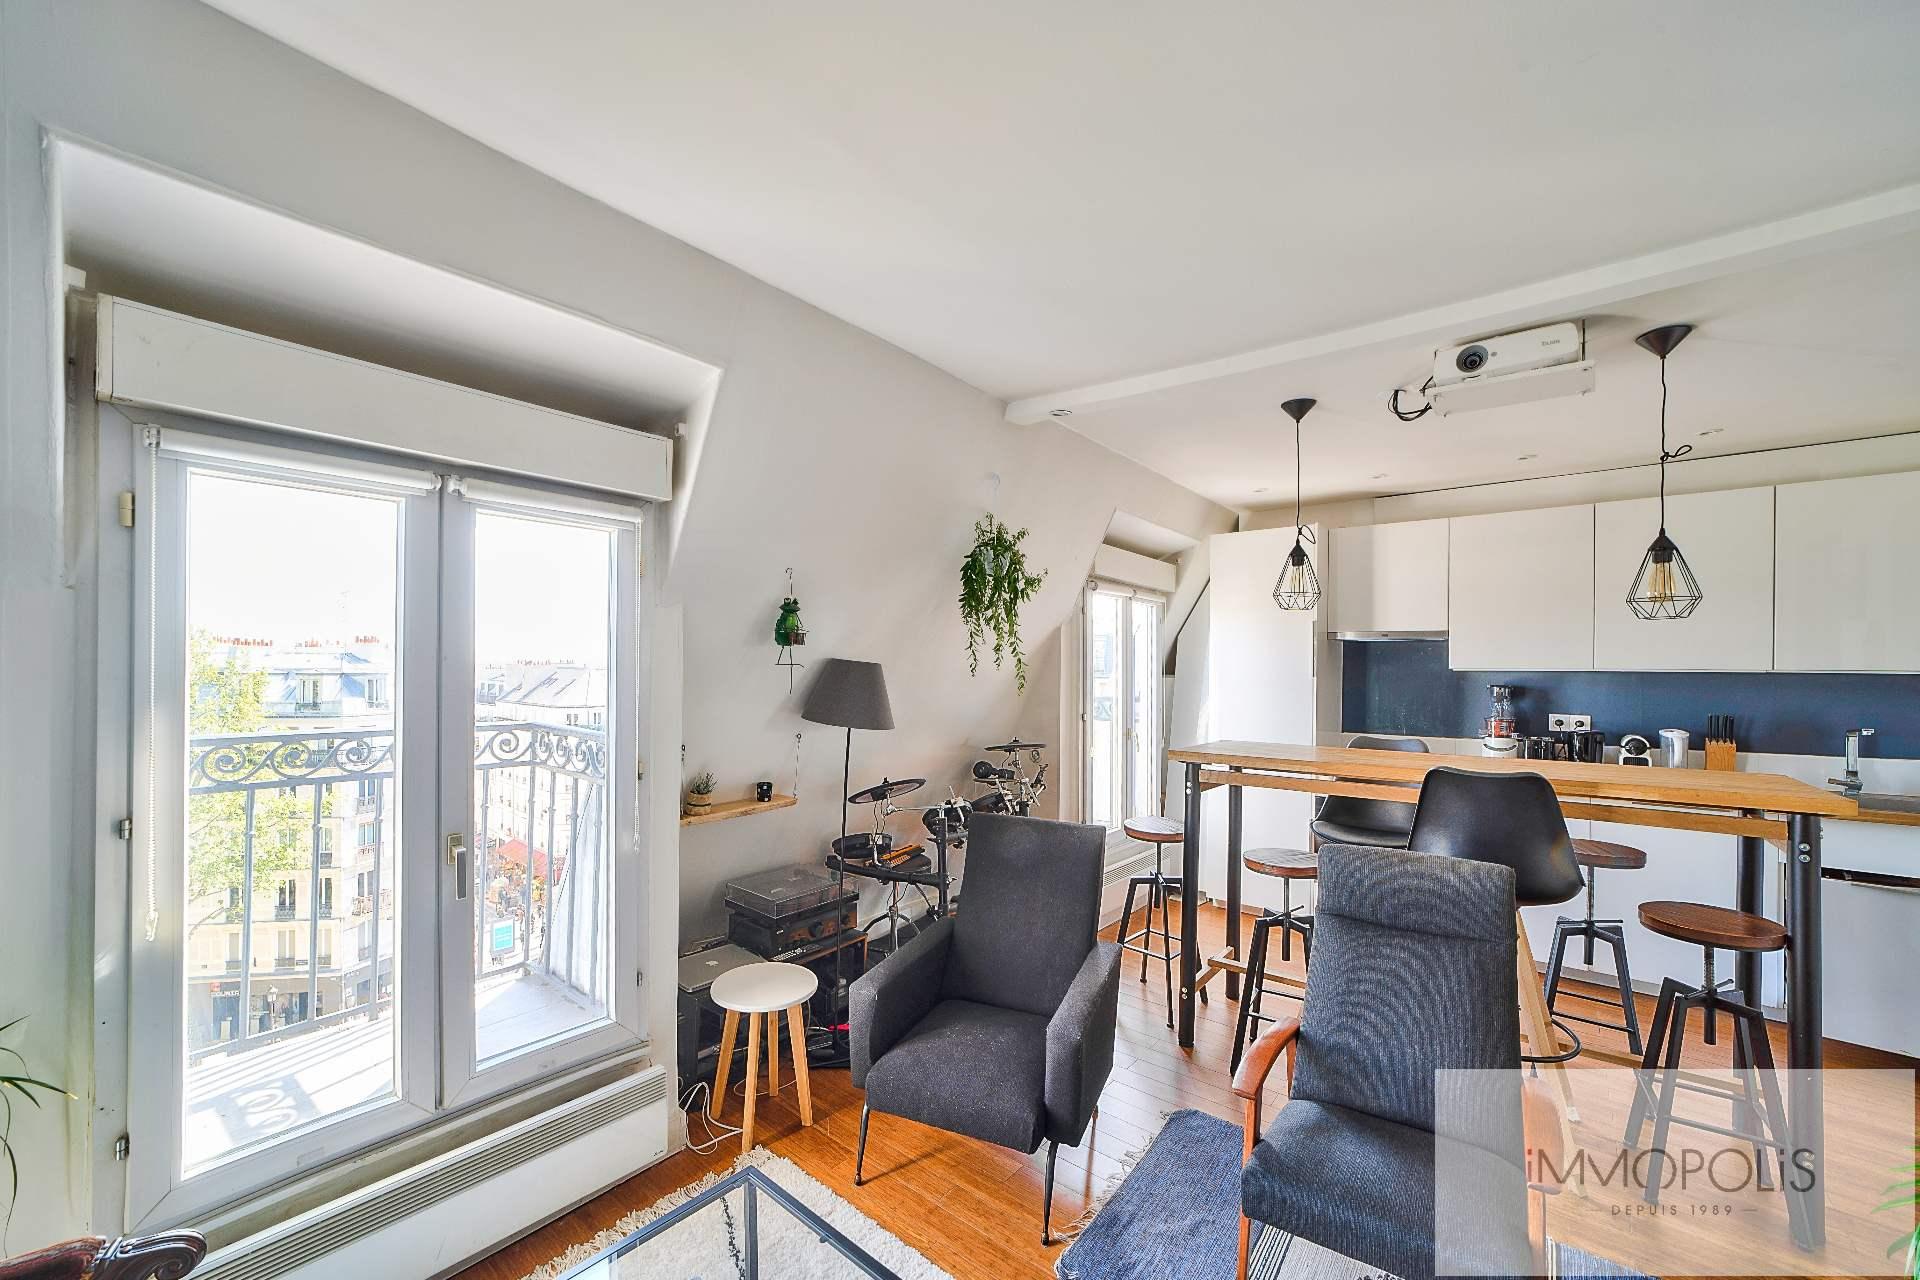 Magnifique 2 pièces en 6e et dernier étage sans vis à vis, plein soleil, avec 2 balconnets ! 5